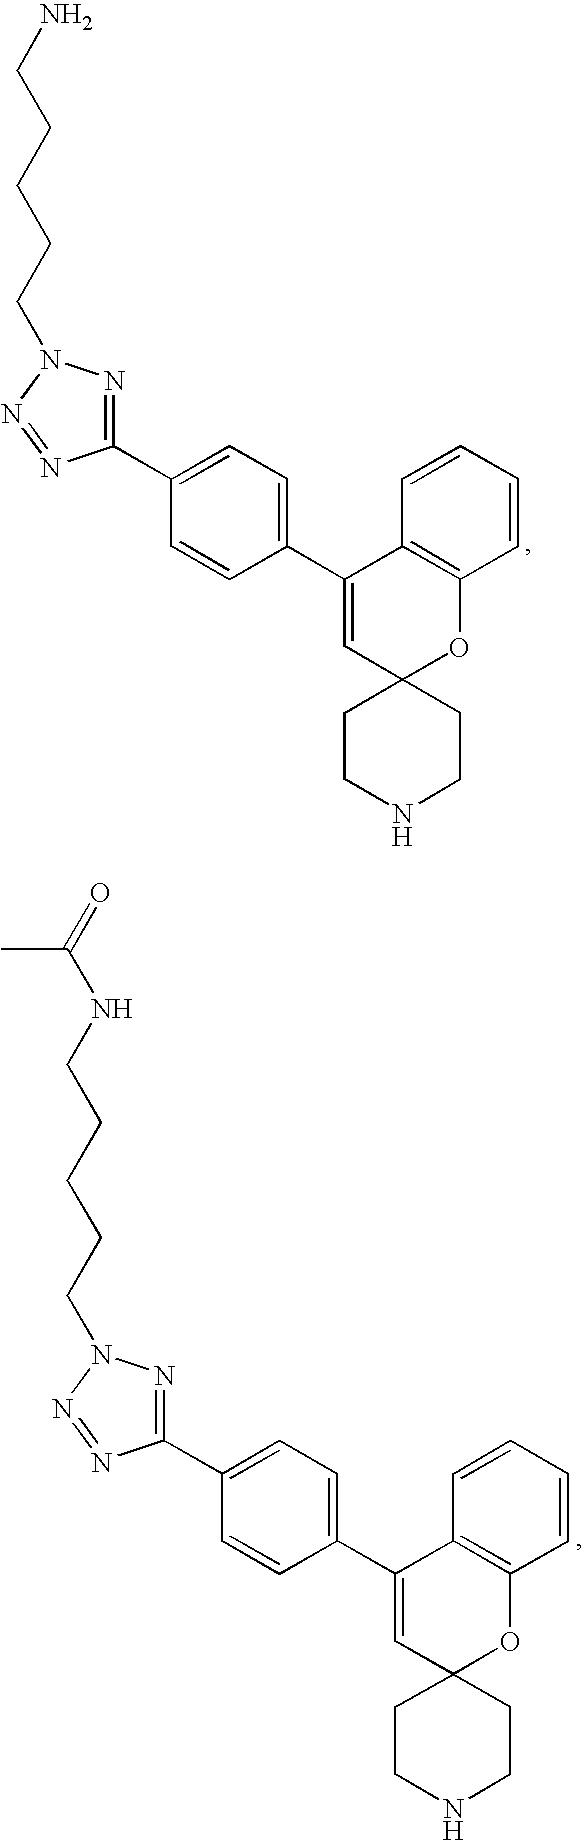 Figure US07598261-20091006-C00111